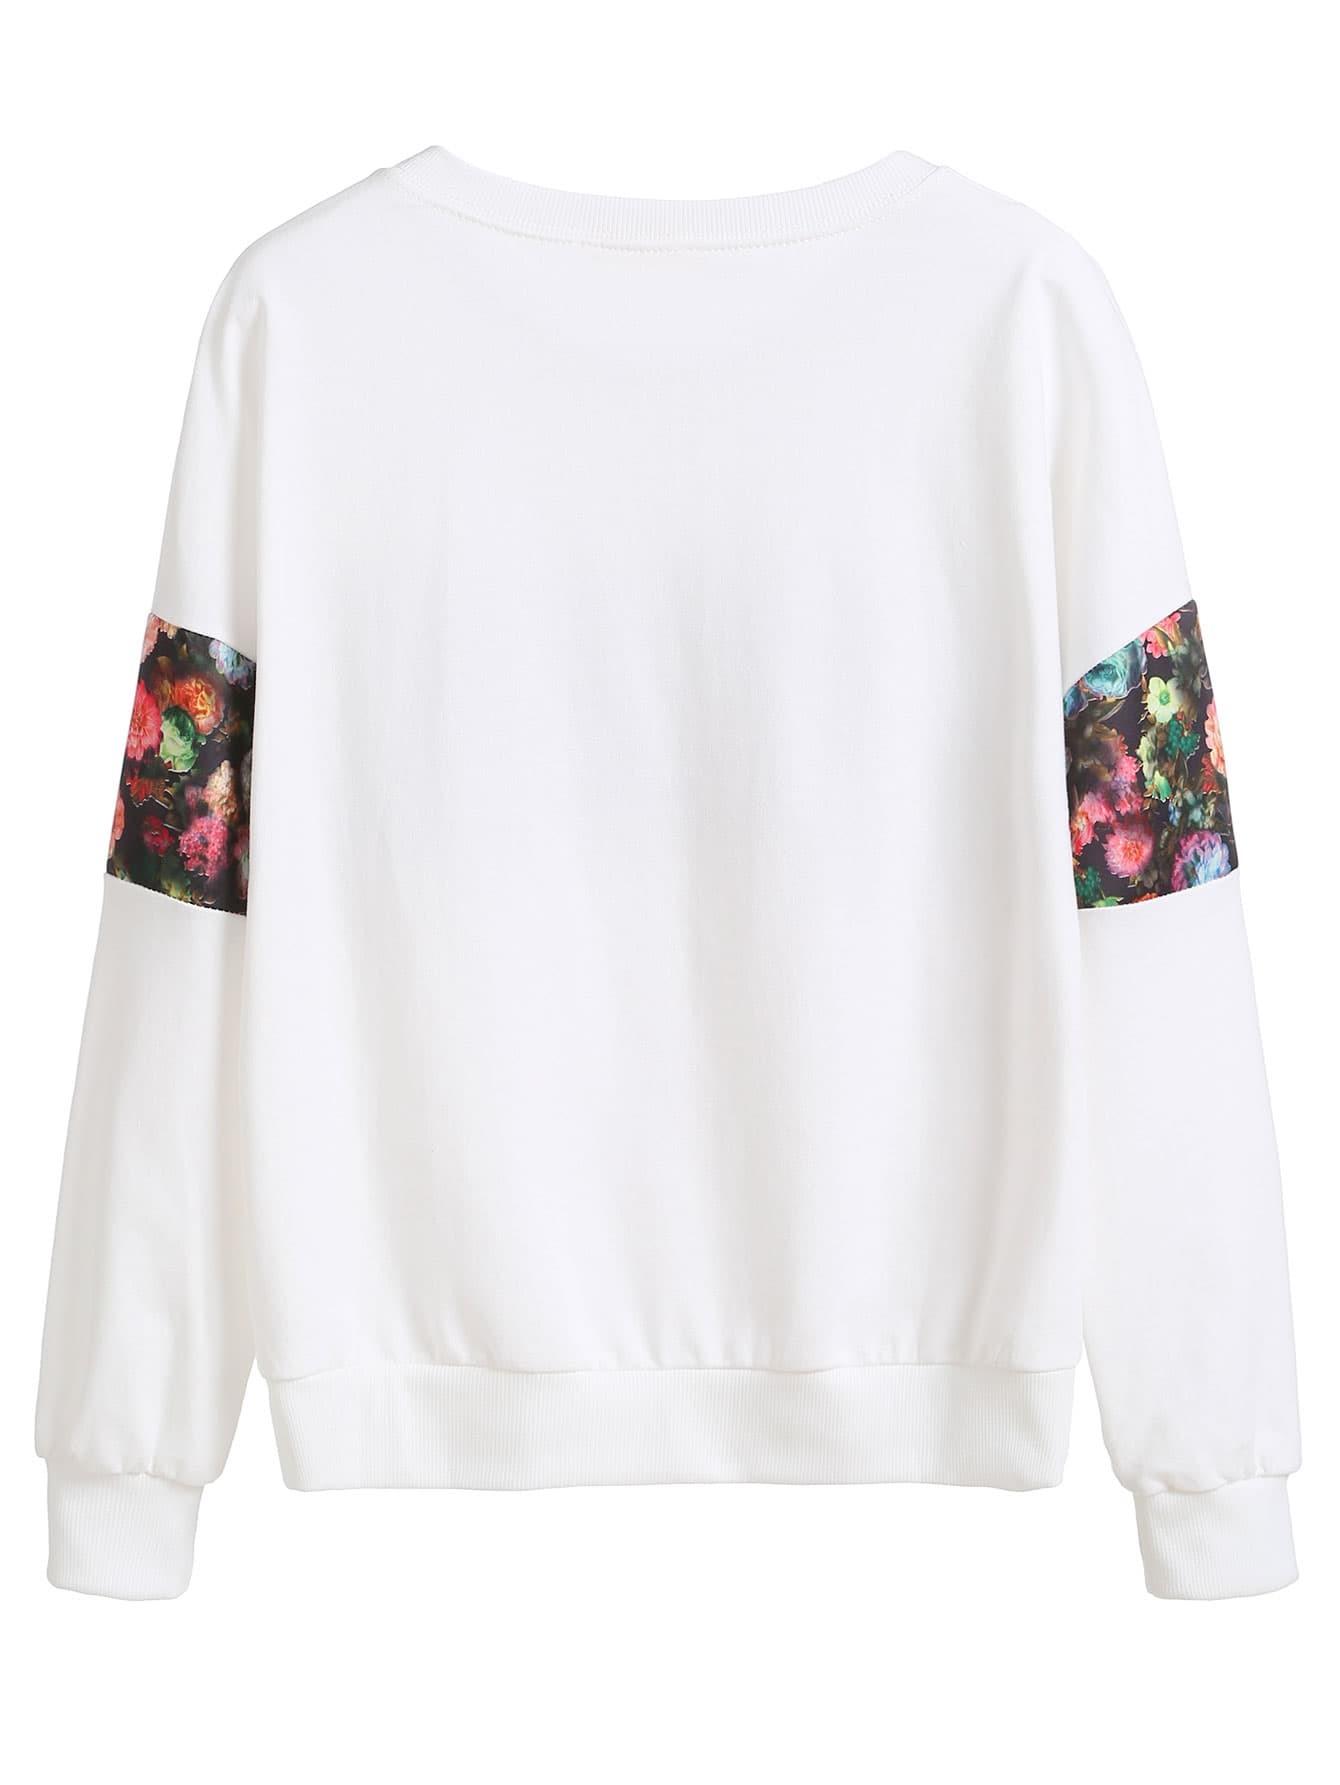 sweatshirt160825122_2